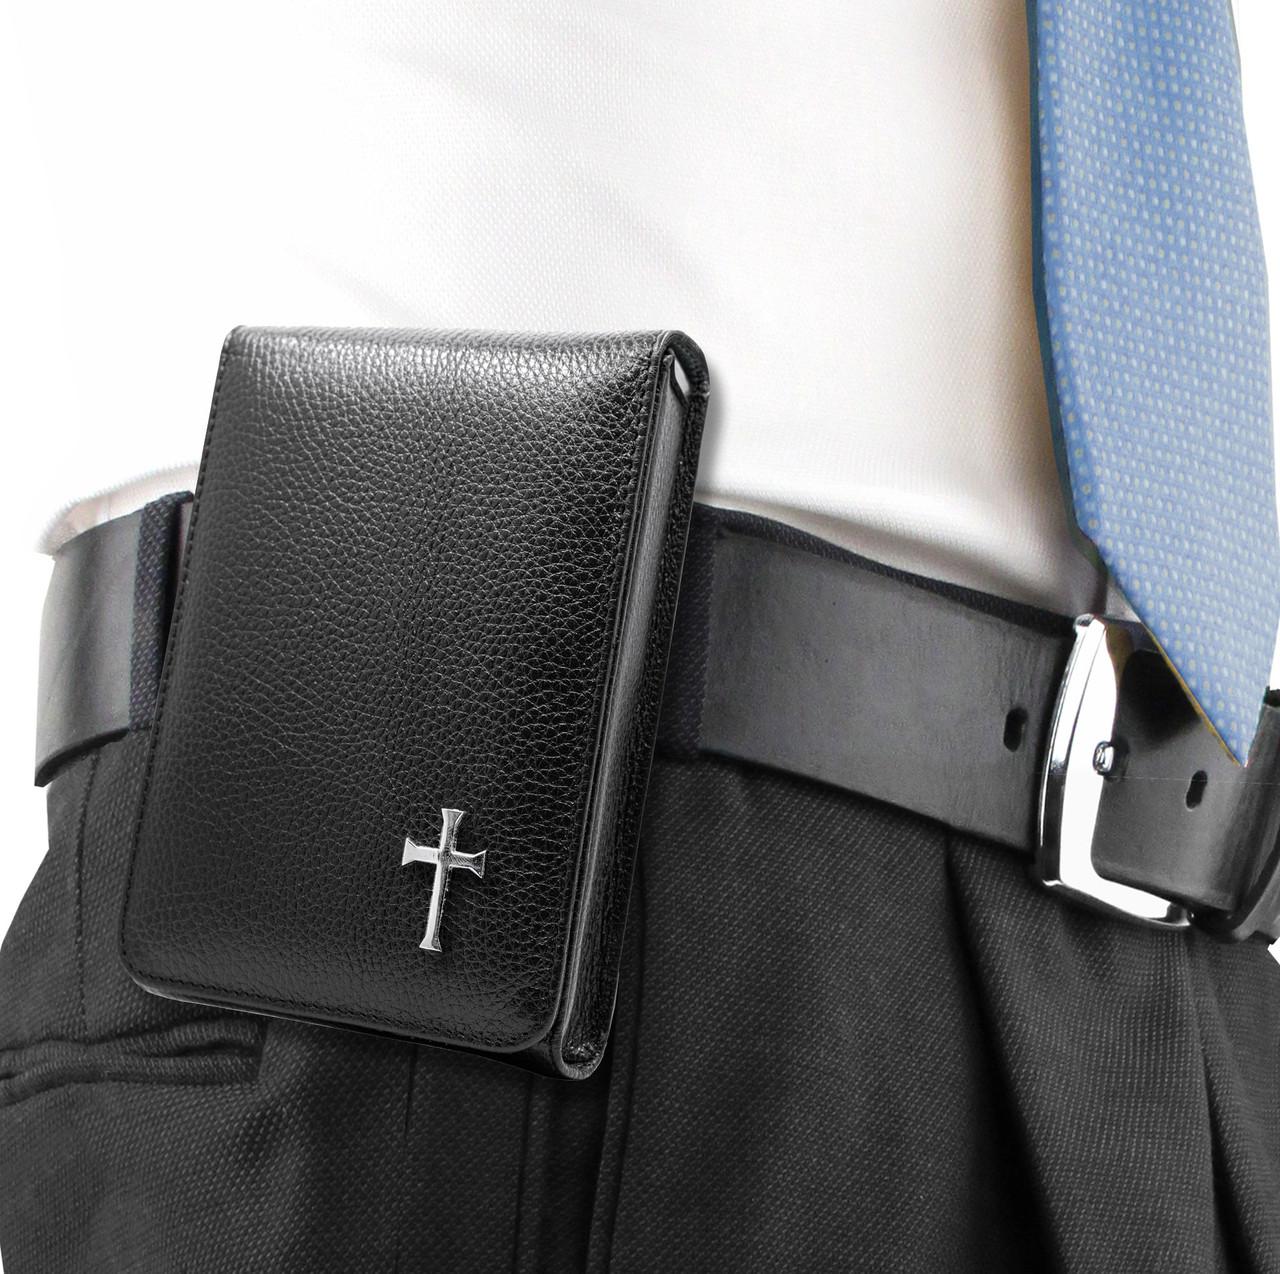 Kimber Evo Black Leather Cross Series Holster